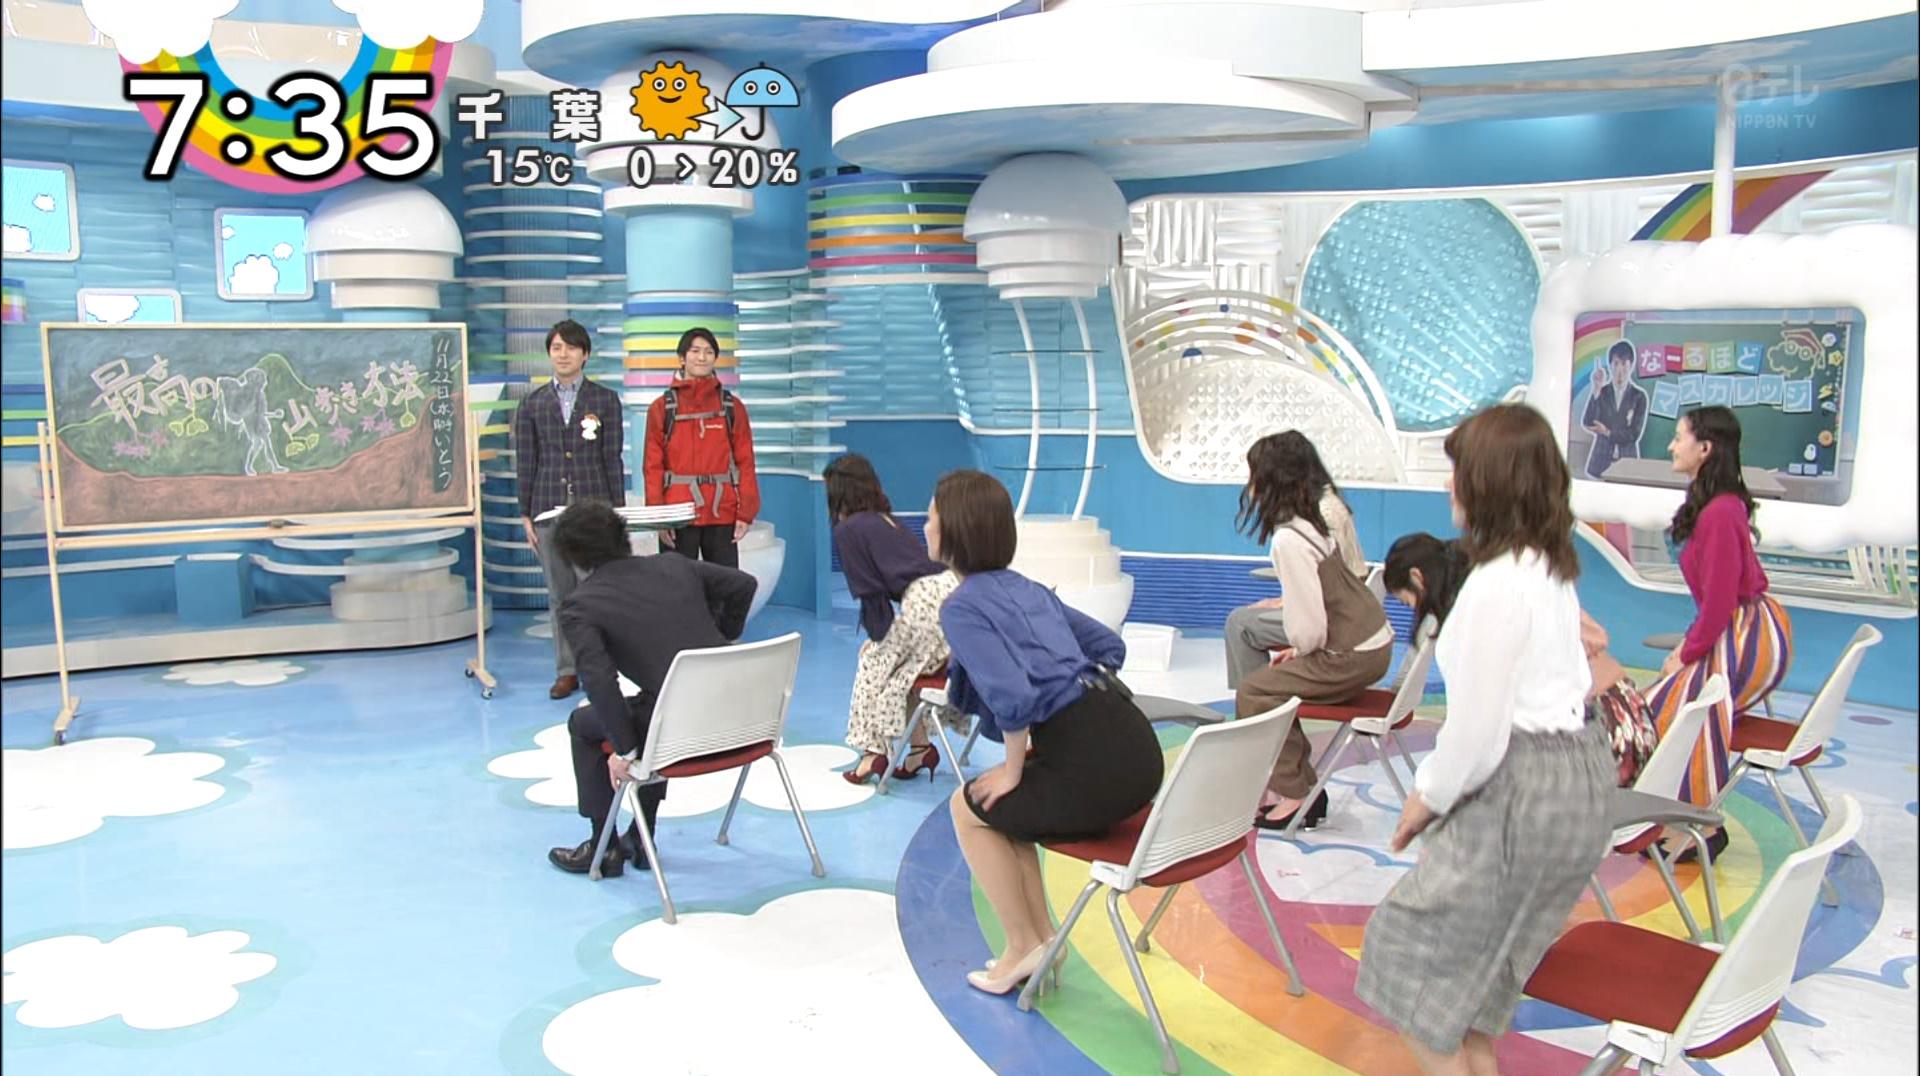 【お宝画像】徳島えりかさんの座る時のおヒップが艶っぽい!!!!!!行列の時のやる気ない感は全く出ないZIP!キャプ画像